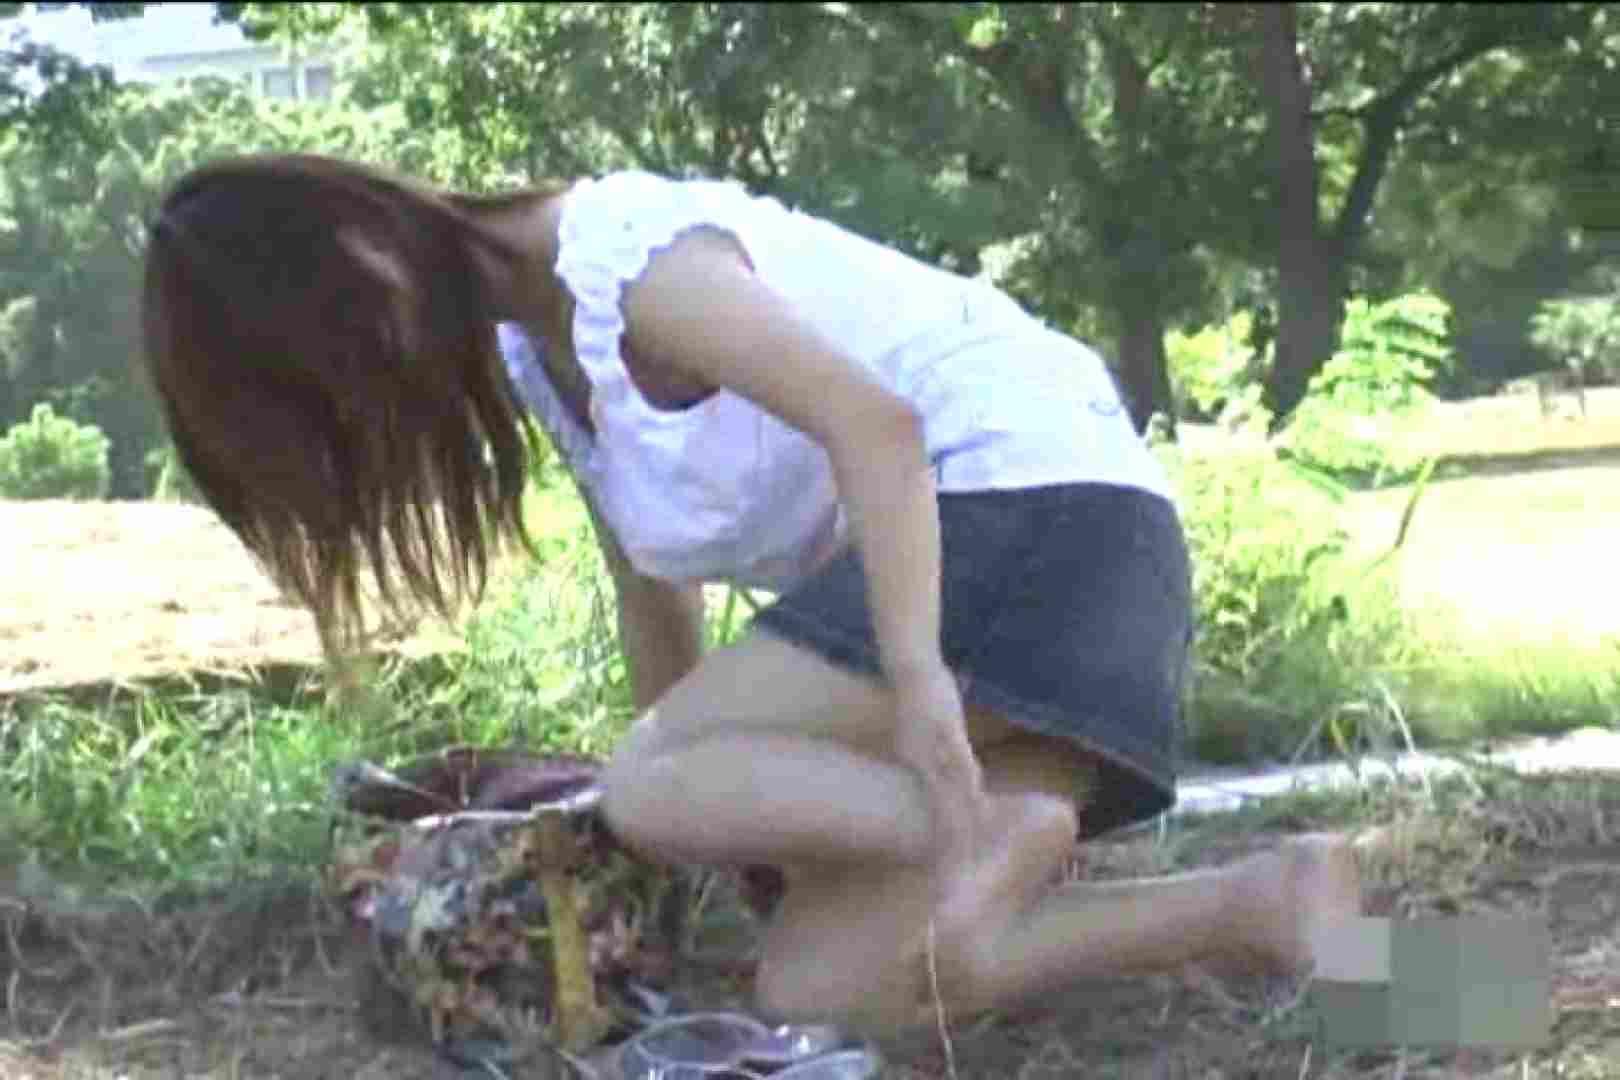 検証!隠し撮りスカートめくり!!Vol.8 ミニスカート  108画像 51